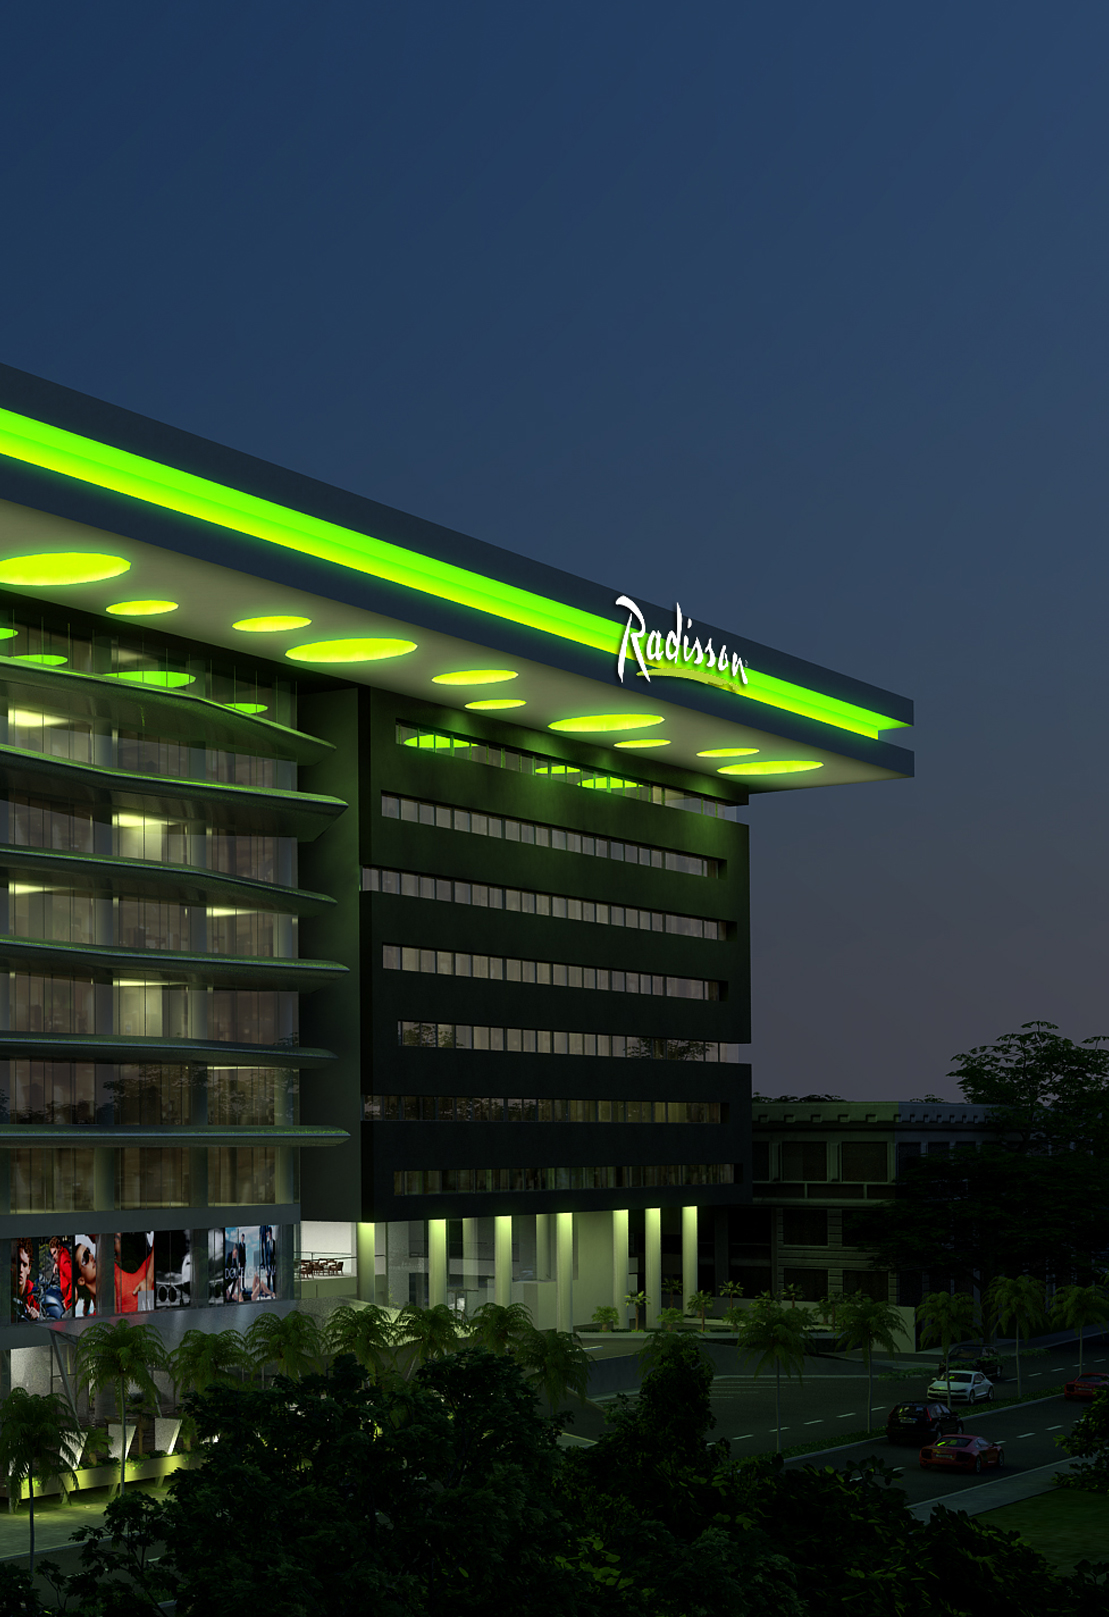 Bolivia: Radisson anunció la apertura de su nuevo hotel en Santa Cruz de la Sierra